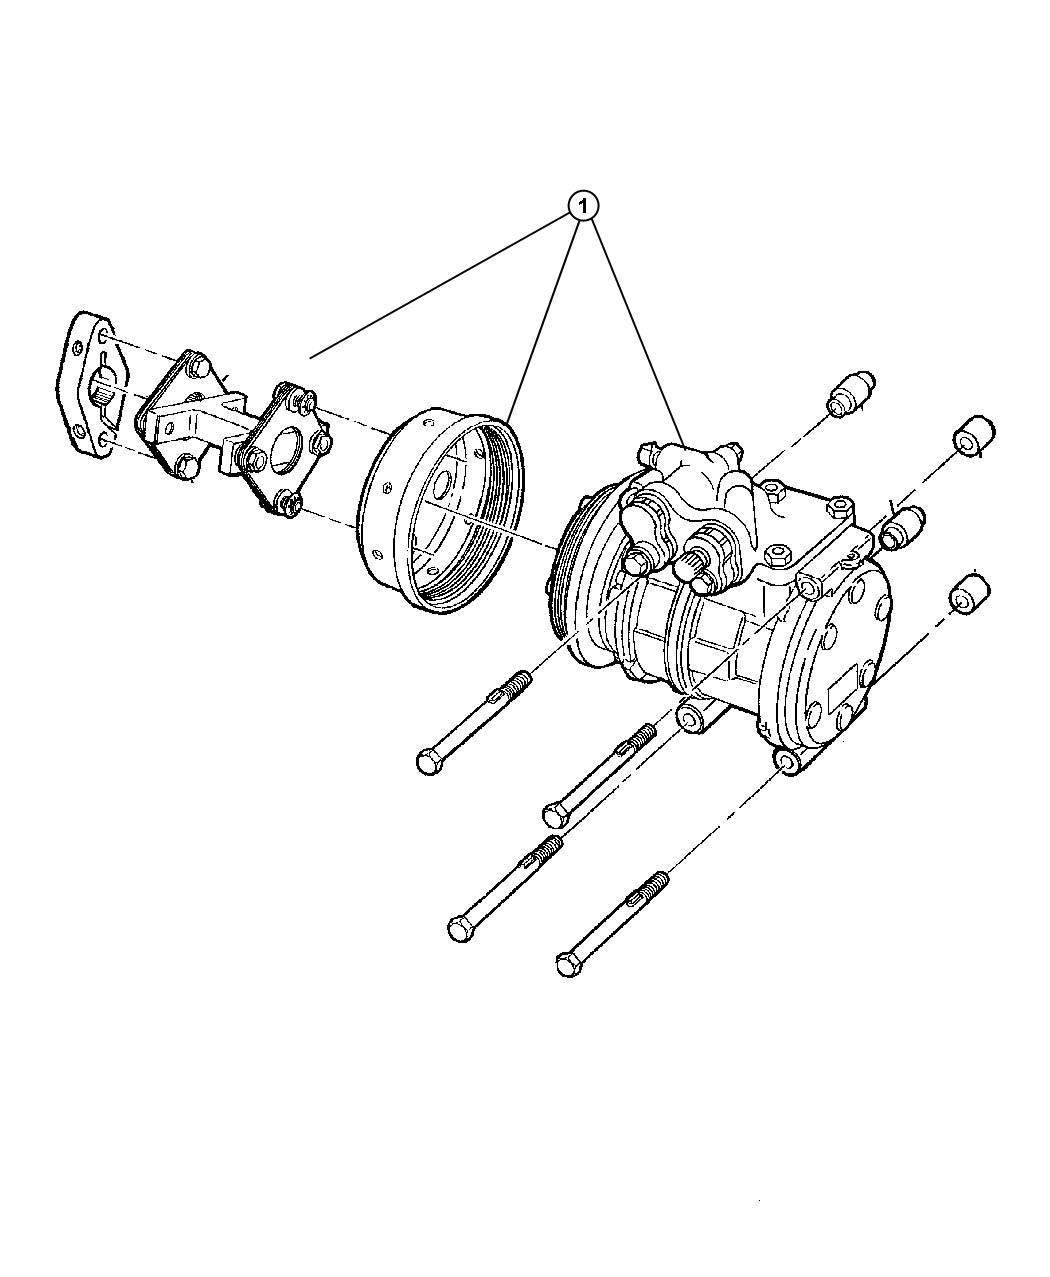 Isuzu Nqr Fuse Box besides Dayton Garage Heater Wiring Diagram Html besides Dayton Heater Gas Valve Wiring Diagram also Atwood water heater troubleshooting besides How Do I Identify The C Terminal On My Hvac. on reznor garage heater wiring diagram